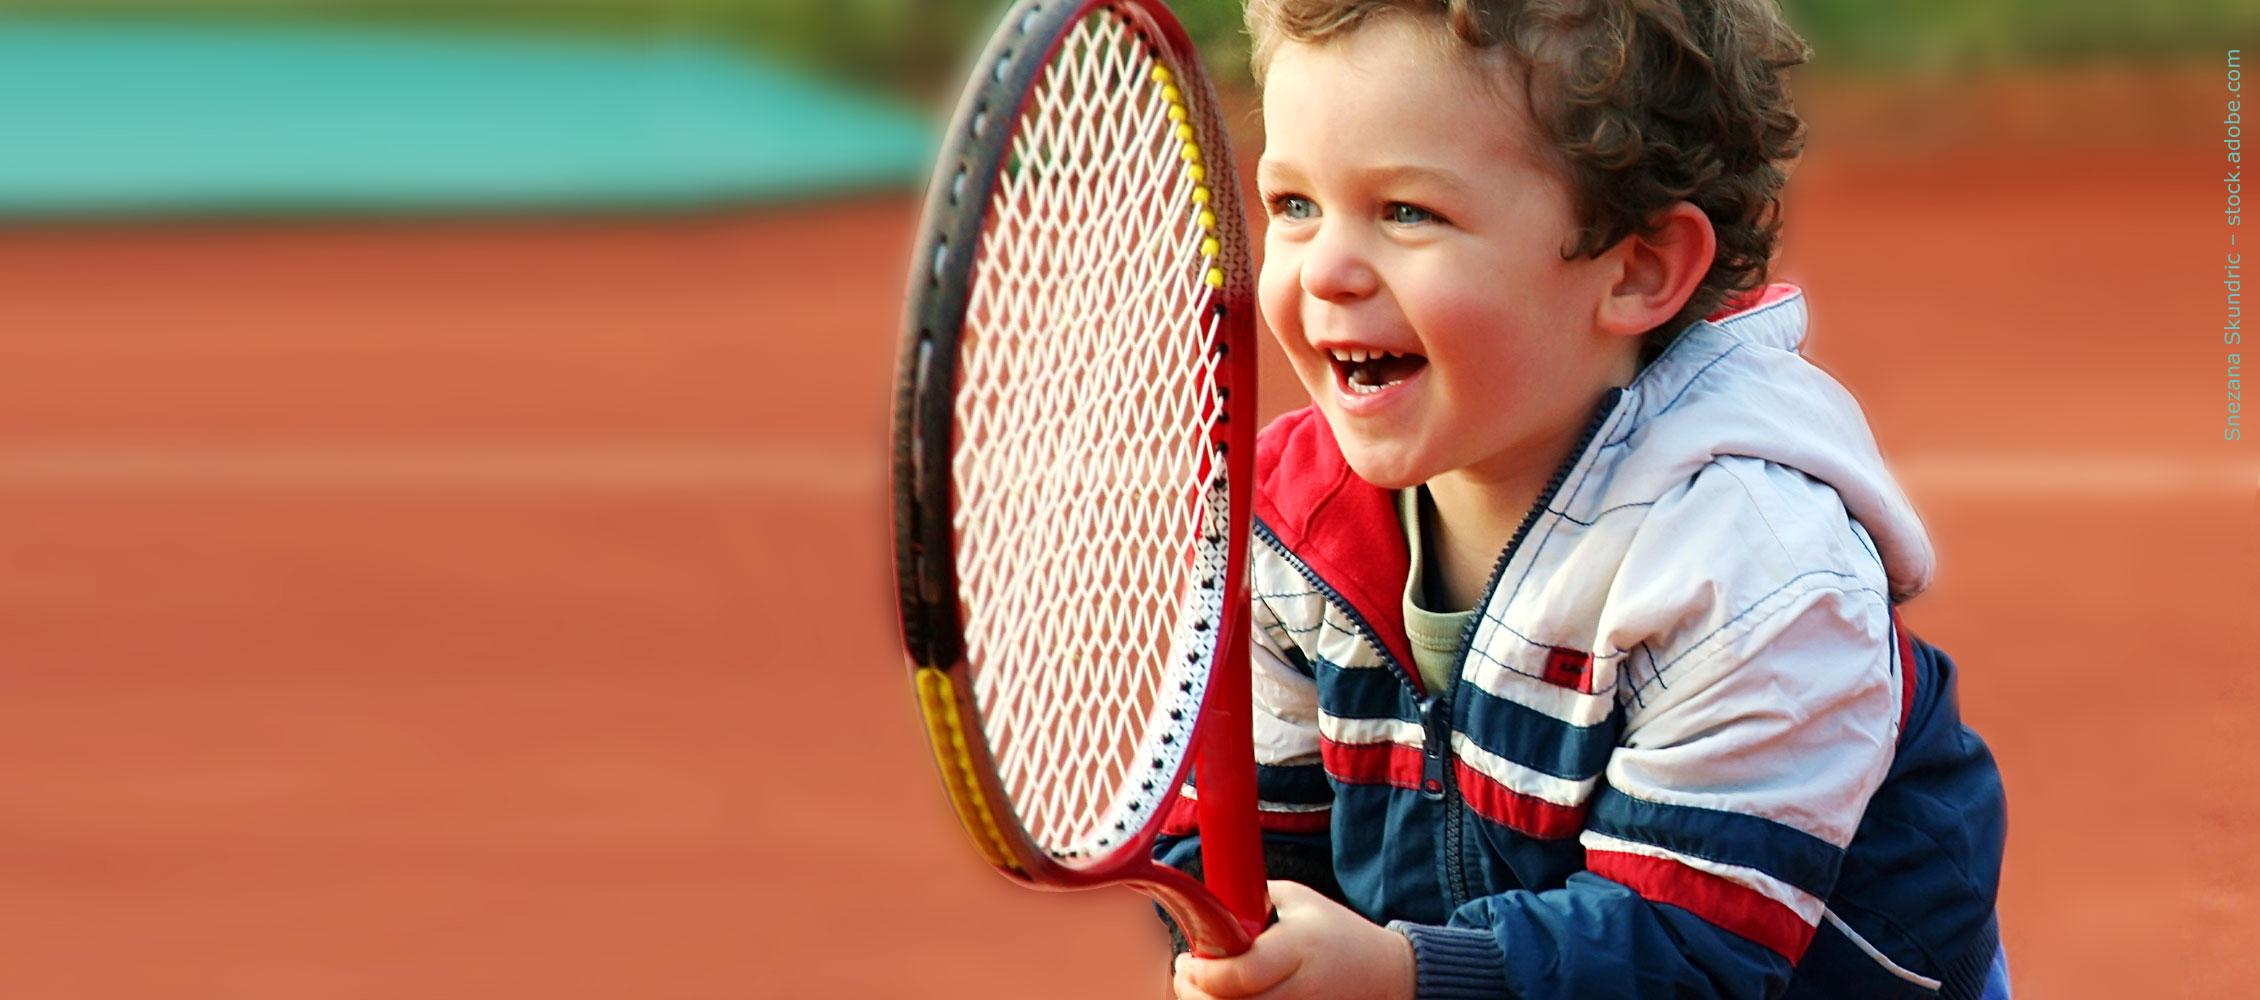 Tennisschule für Franken in Nürnberg, Fürth, Erlangen!